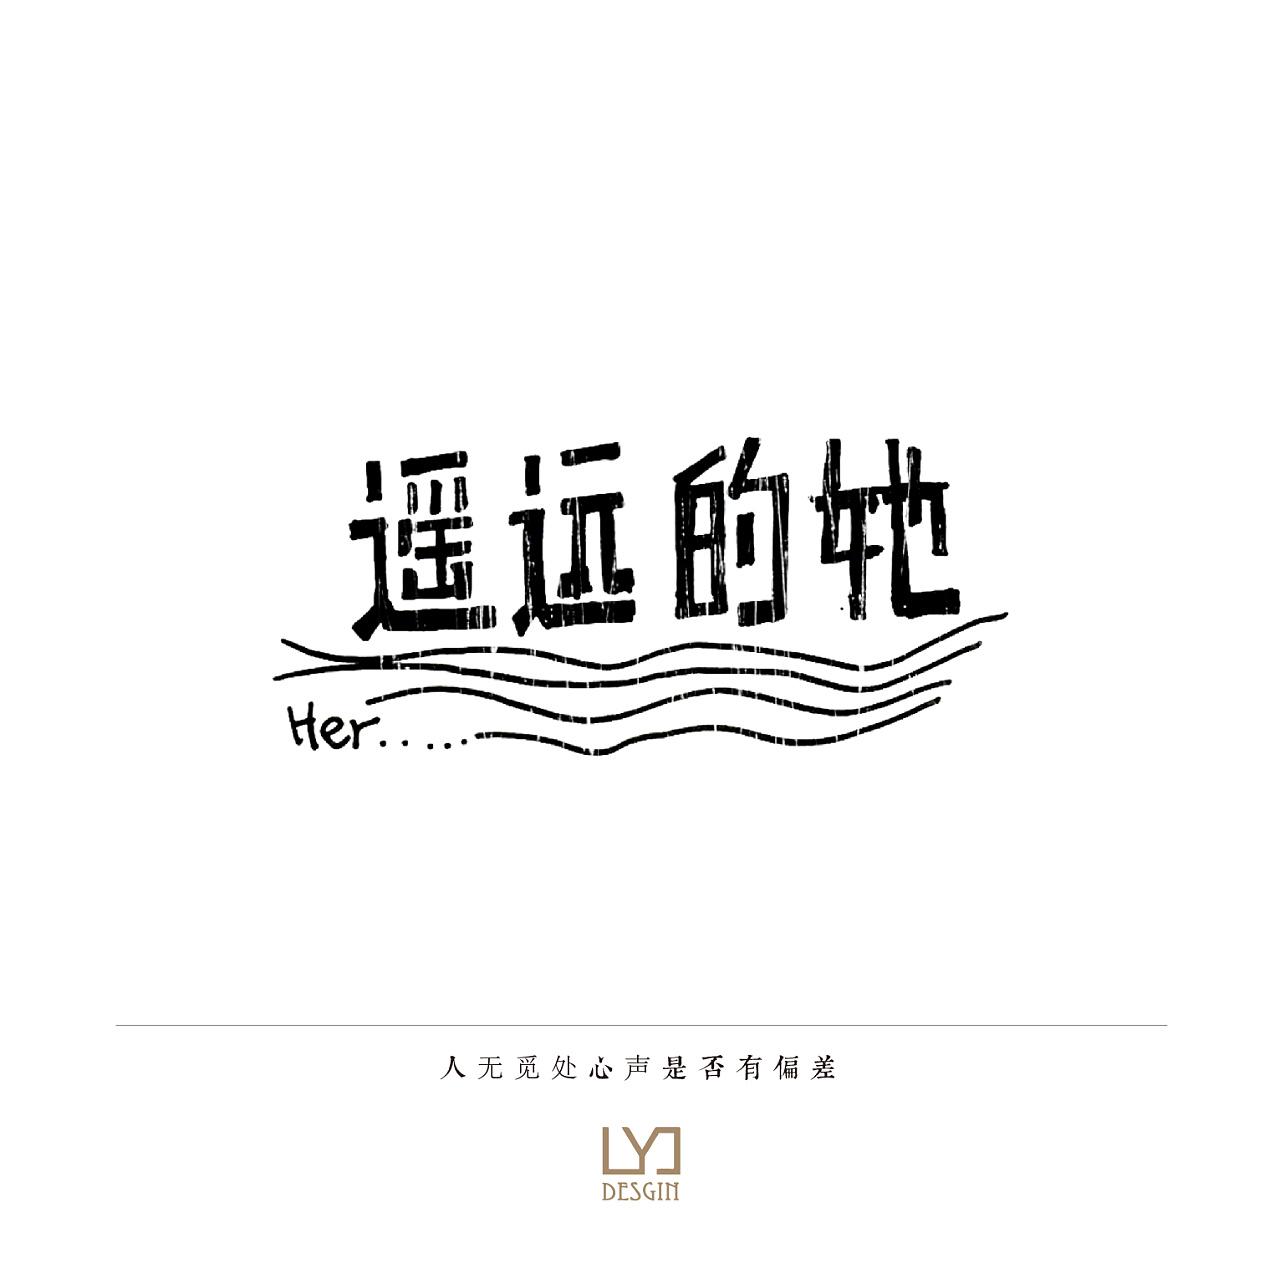 花房姑娘歌词_字练|平面|字体/字形|Jean_J - 原创作品 - 站酷 (ZCOOL)